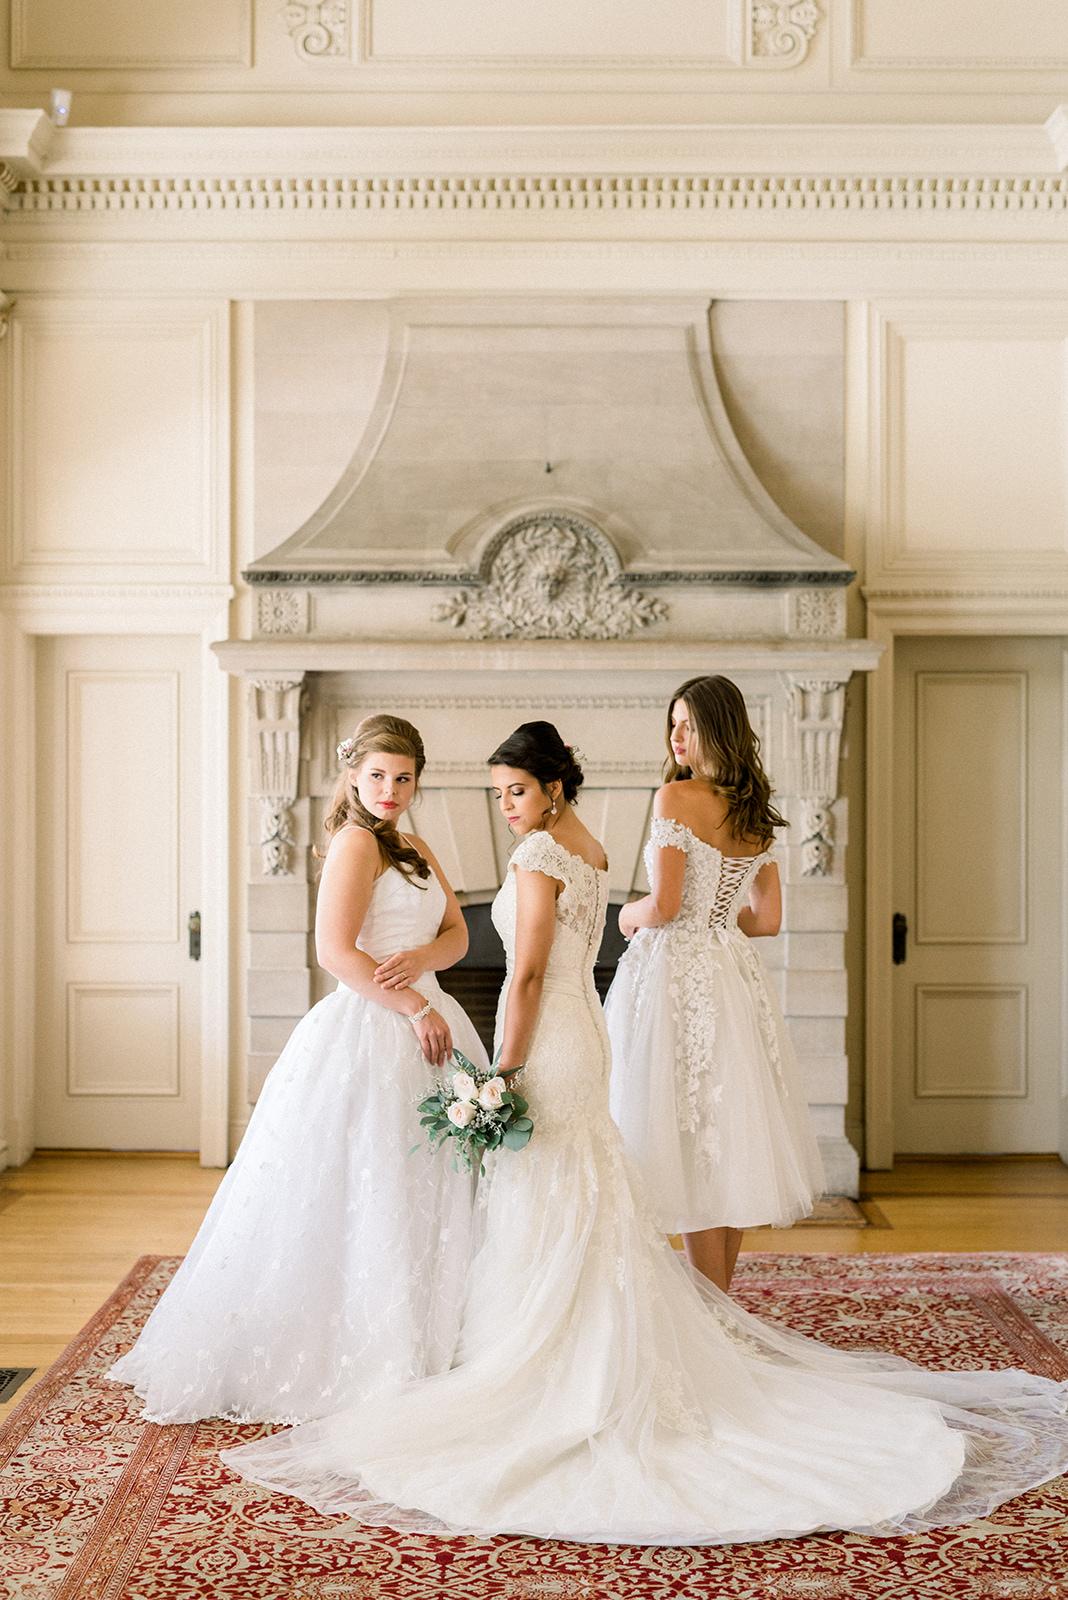 Cairnwood Estates wedding details28.jpg